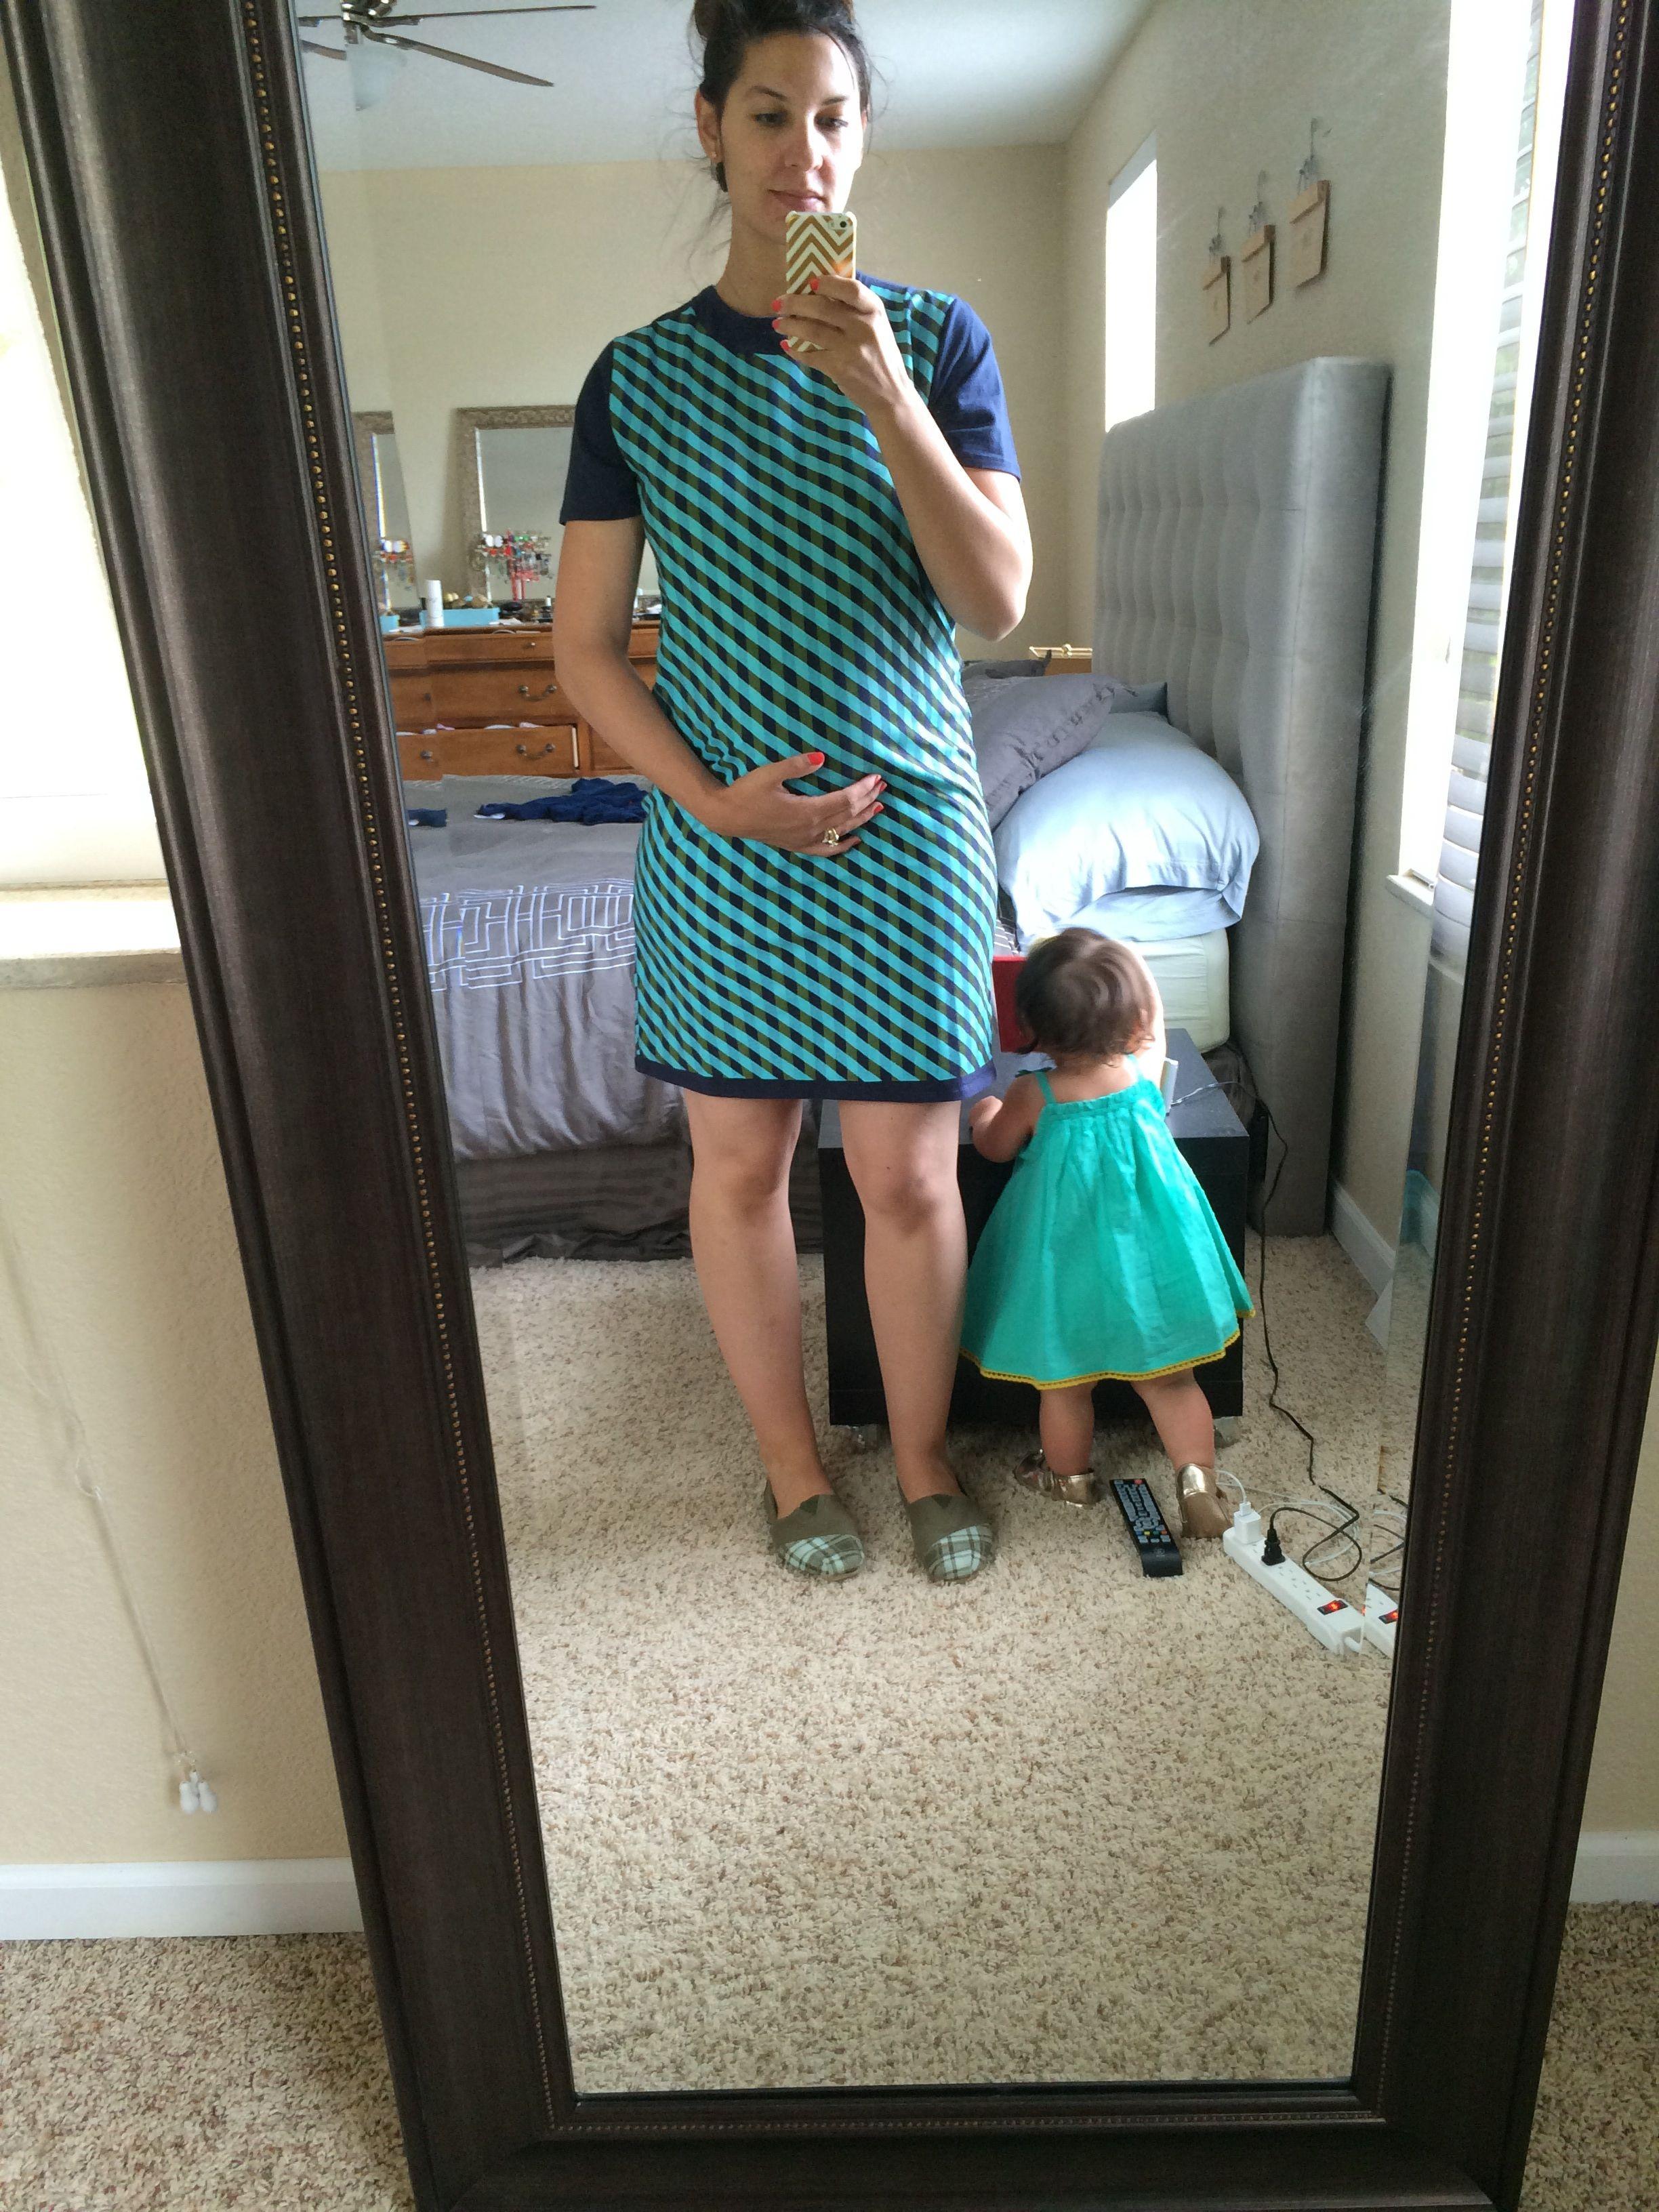 bump oc dress